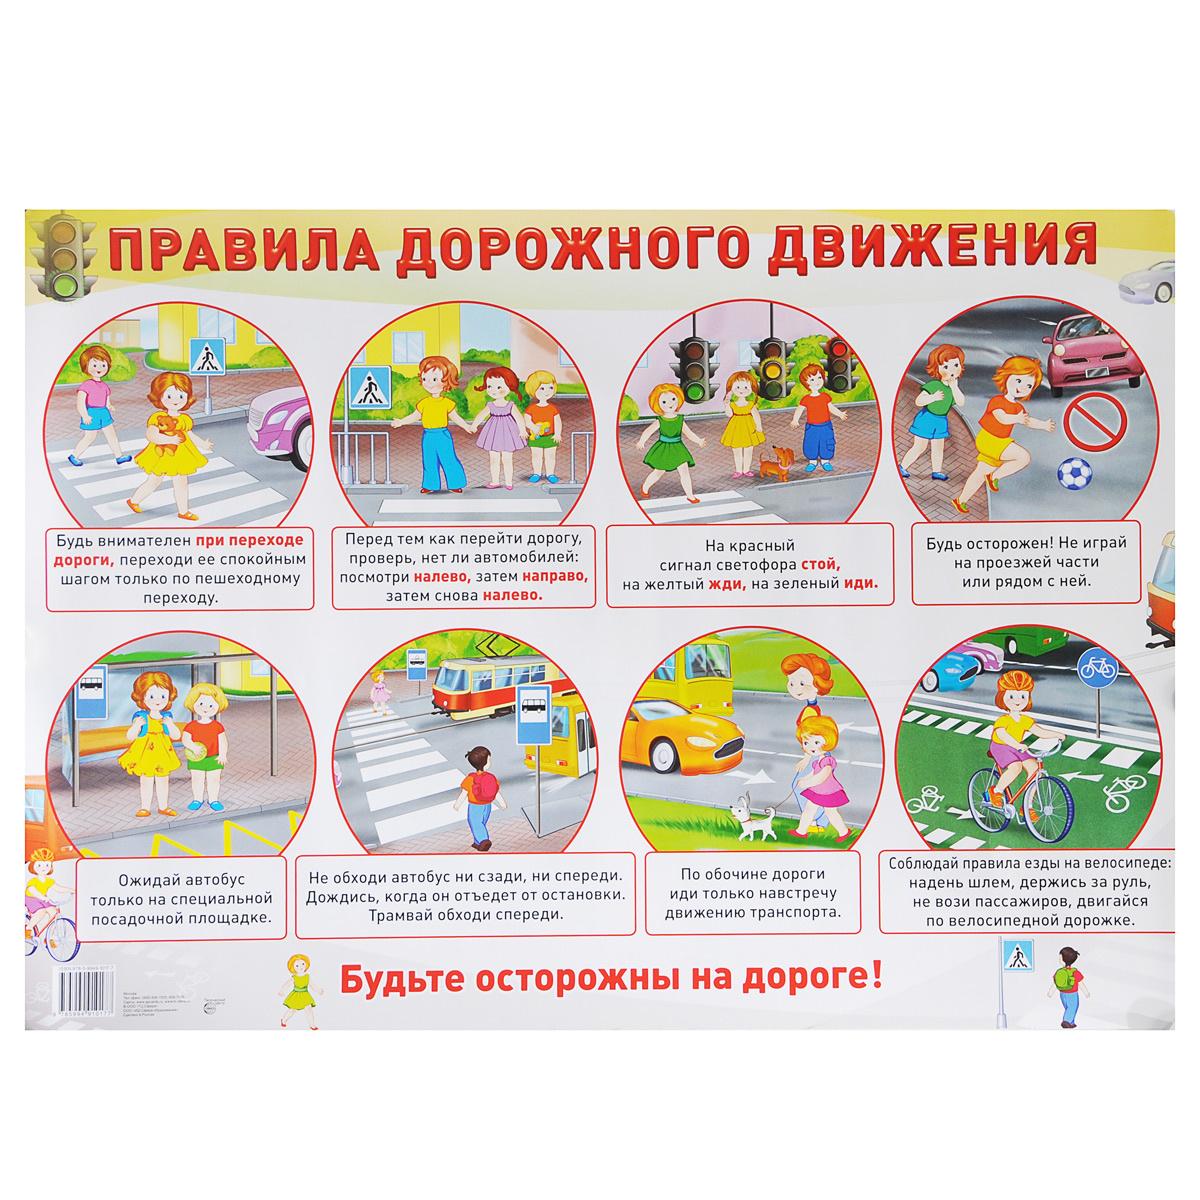 Правила дорожного движения. Плакат #1